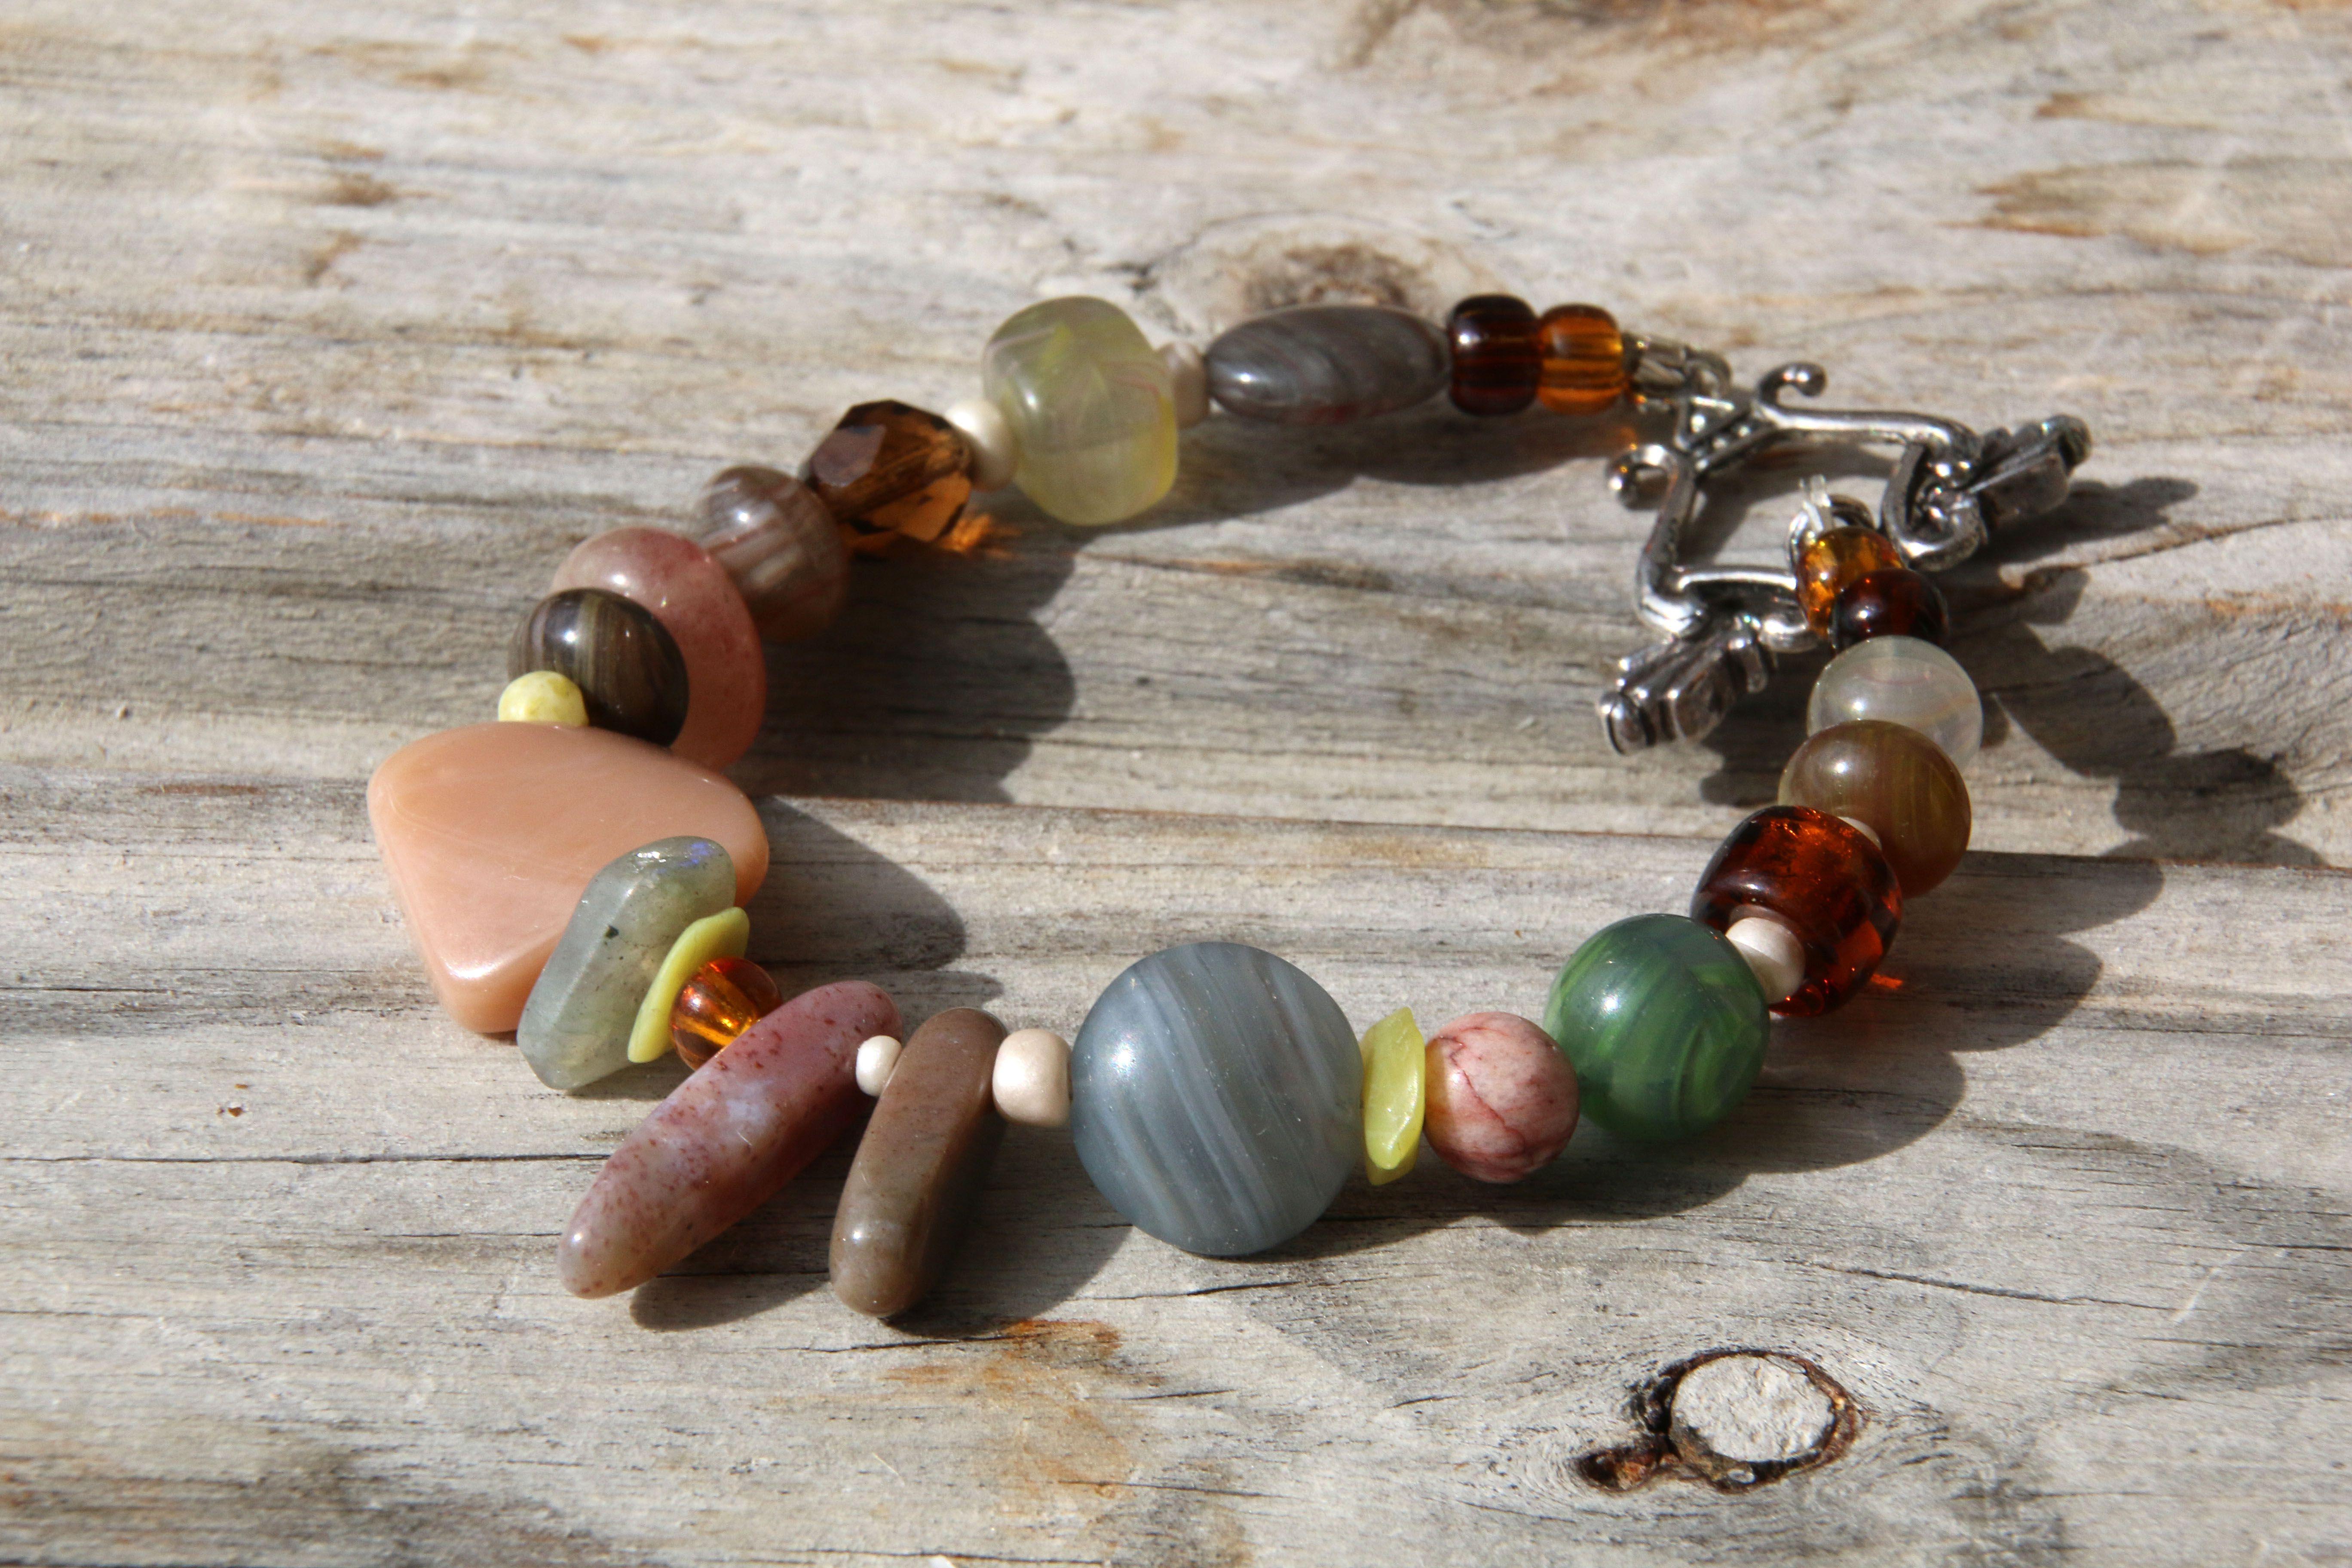 коньячный зеленый лесной стеклянный серьги коричневый комплект камни прозрачный браслет патина пыльнорозовый серозеленый натуральные винтаж